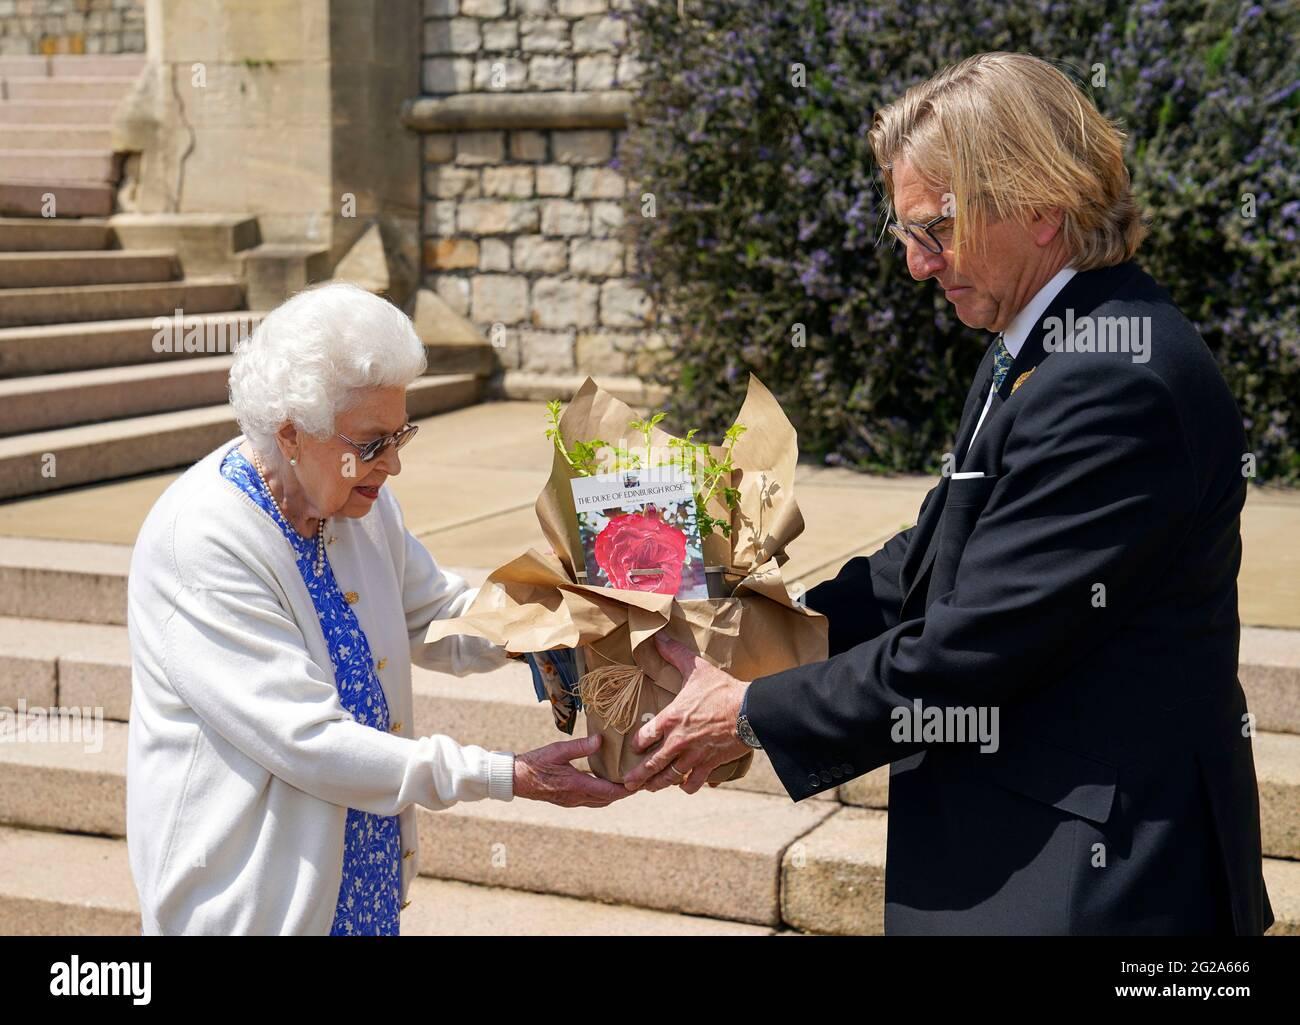 """La regina Elisabetta II riceve una rosa duca di Edimburgo, donata da Keith Weed, presidente della Royal Horticultural Society, al Castello di Windsor, Berkshire. La rosa commemorativa di Harkness Roses è stata ufficialmente chiamata in memoria del duca di Edimburgo. Una royalty derivante dalla vendita di ogni rosa andrà al premio """"Living Legacy Fund"""" del Duke of Edinburgh, che darà a più giovani l'opportunità di partecipare al premio """"Duke of Edinburgh Award"""". Data immagine: Mercoledì 2 giugno 2021. Il duca, morto nell'aprile di quest'anno, avrebbe festeggiato il suo centesimo compleanno su Ju Foto Stock"""